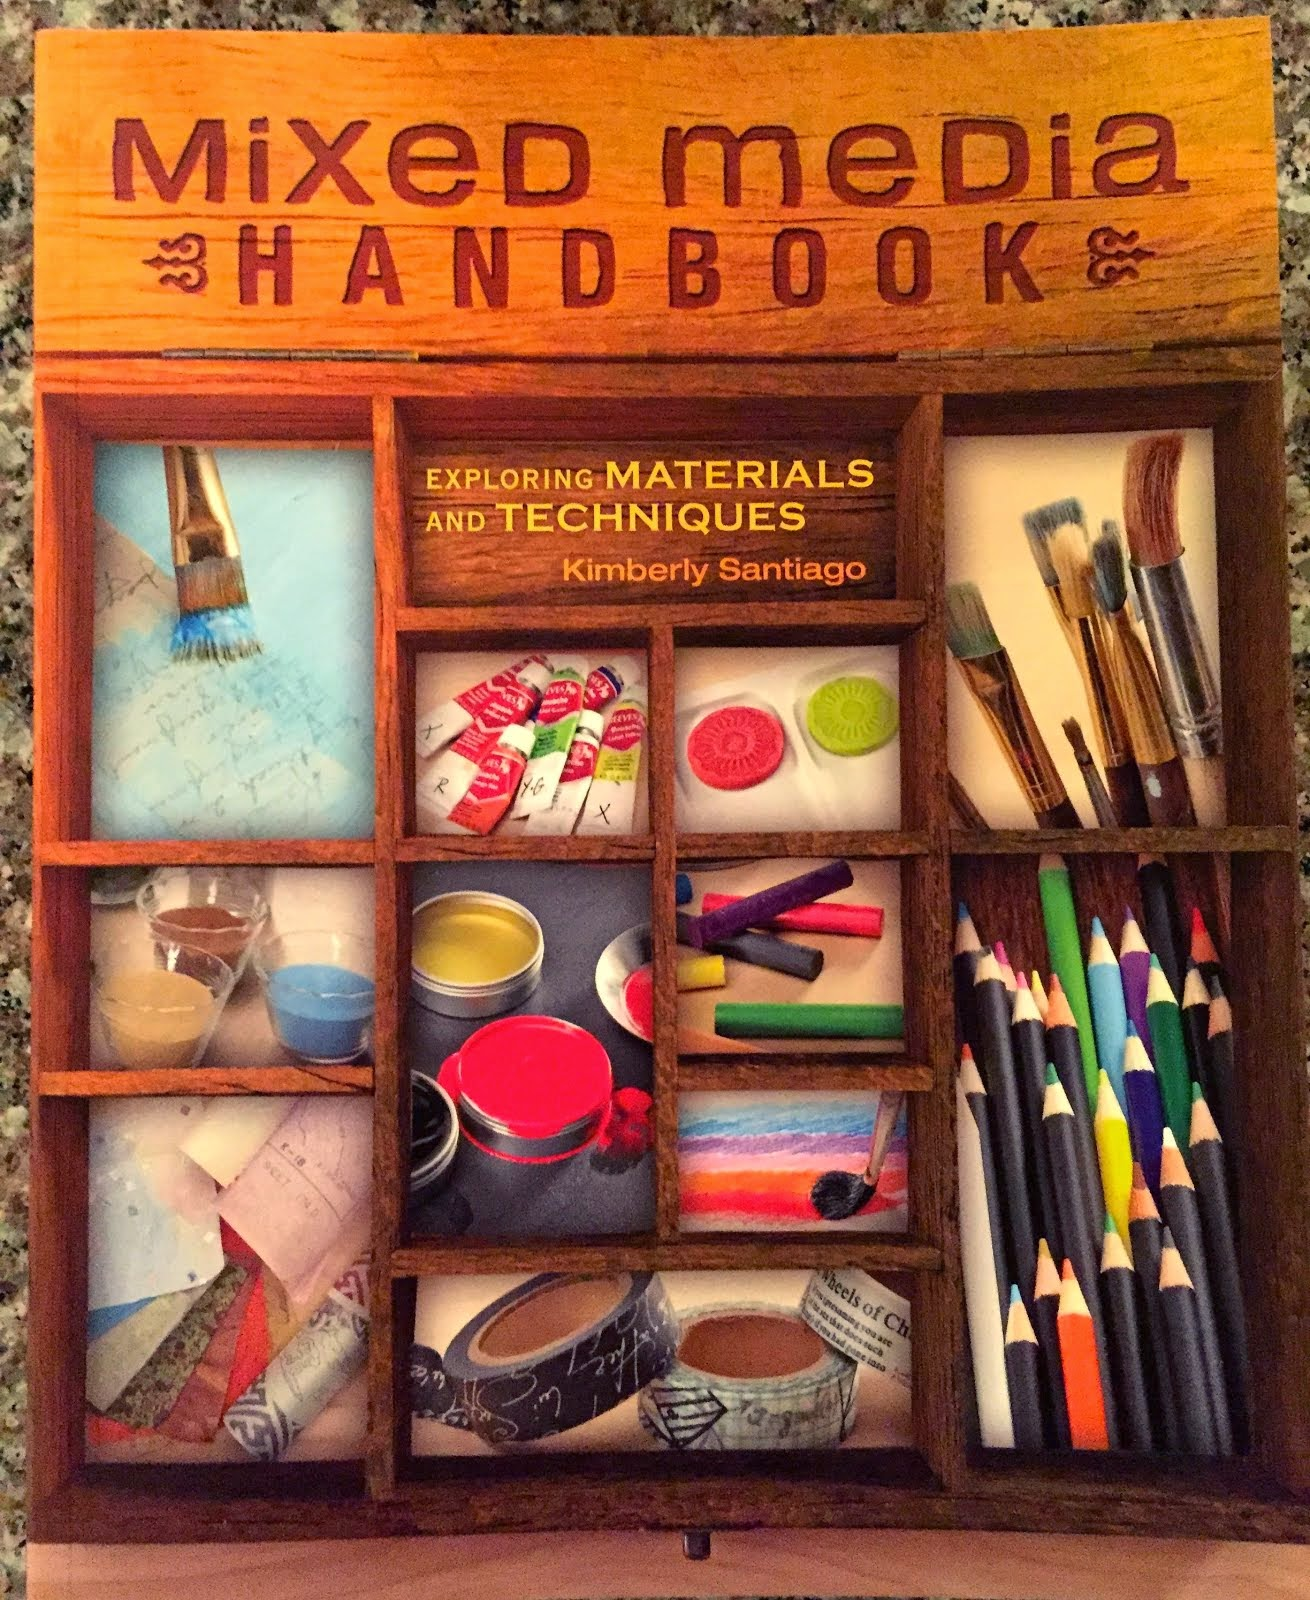 Mixed Media Handbook